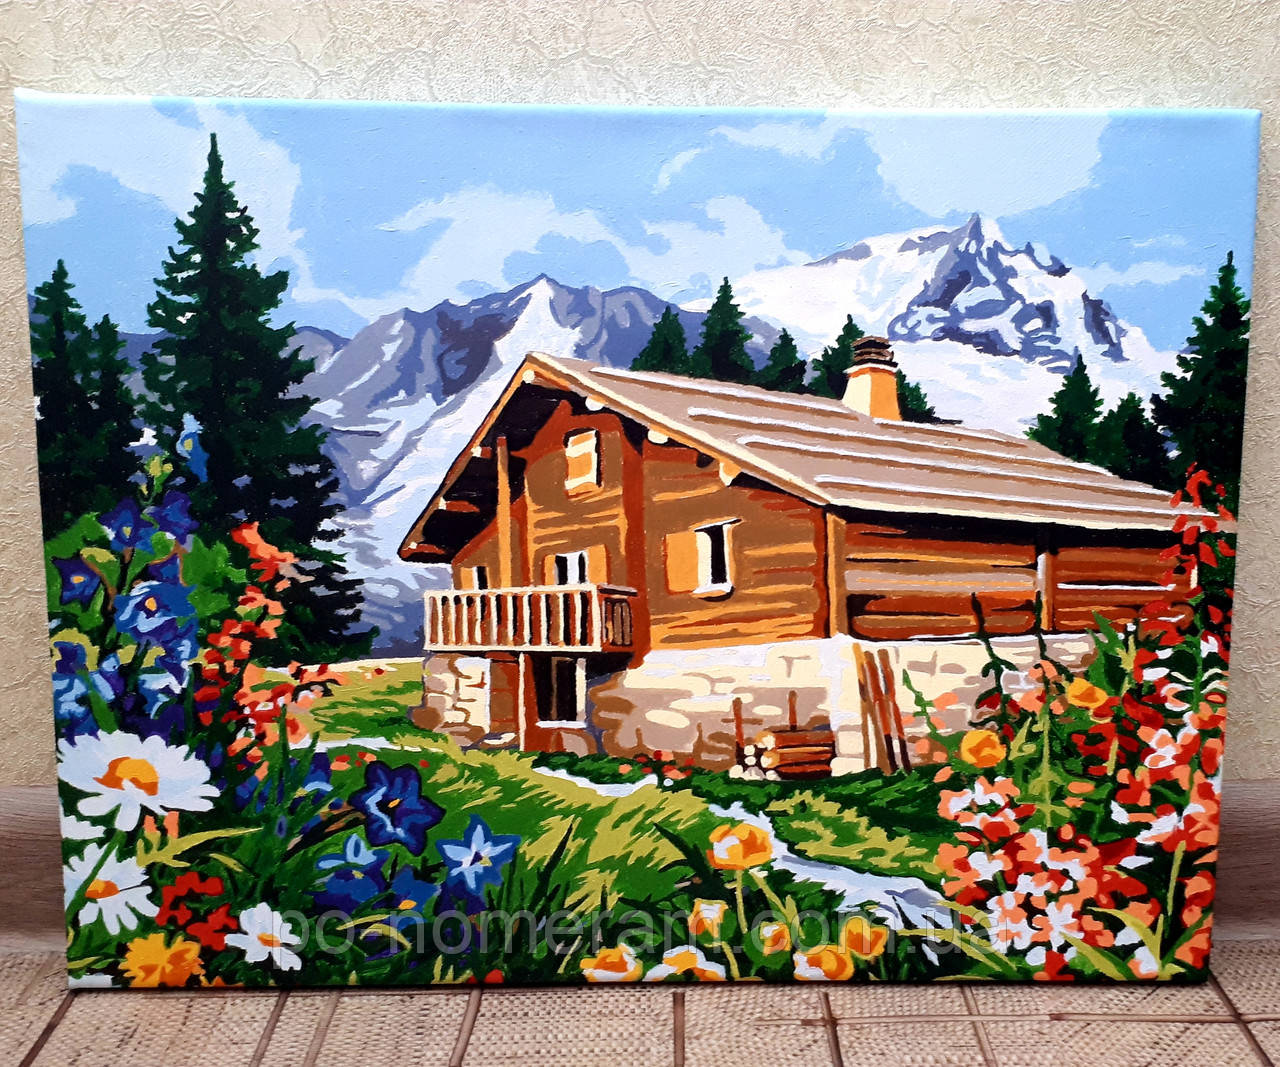 Картины акрилом на холсте нарисованные клиентами магазина ...